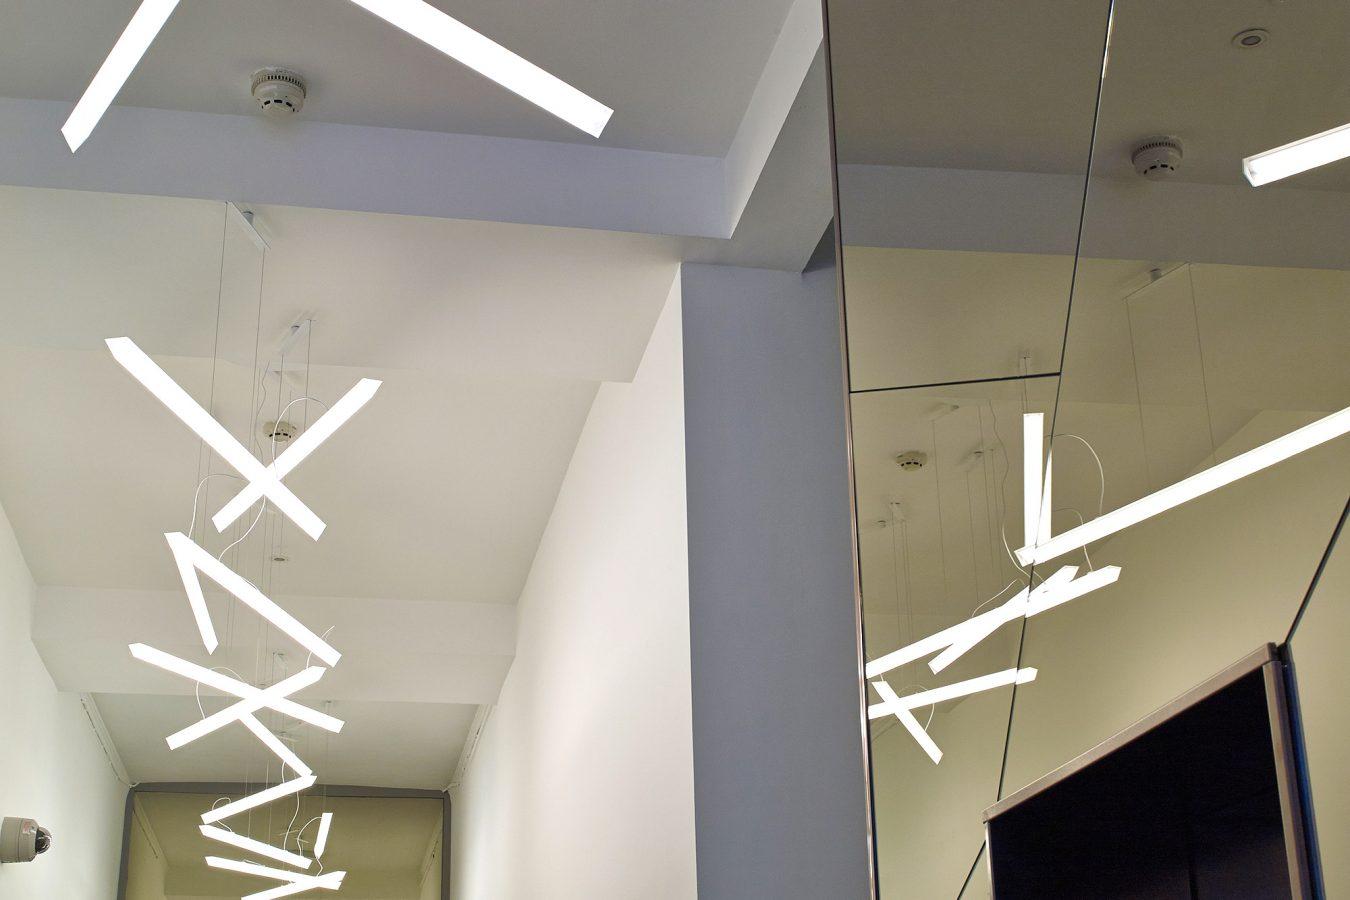 Pendant LED light on a hallway.